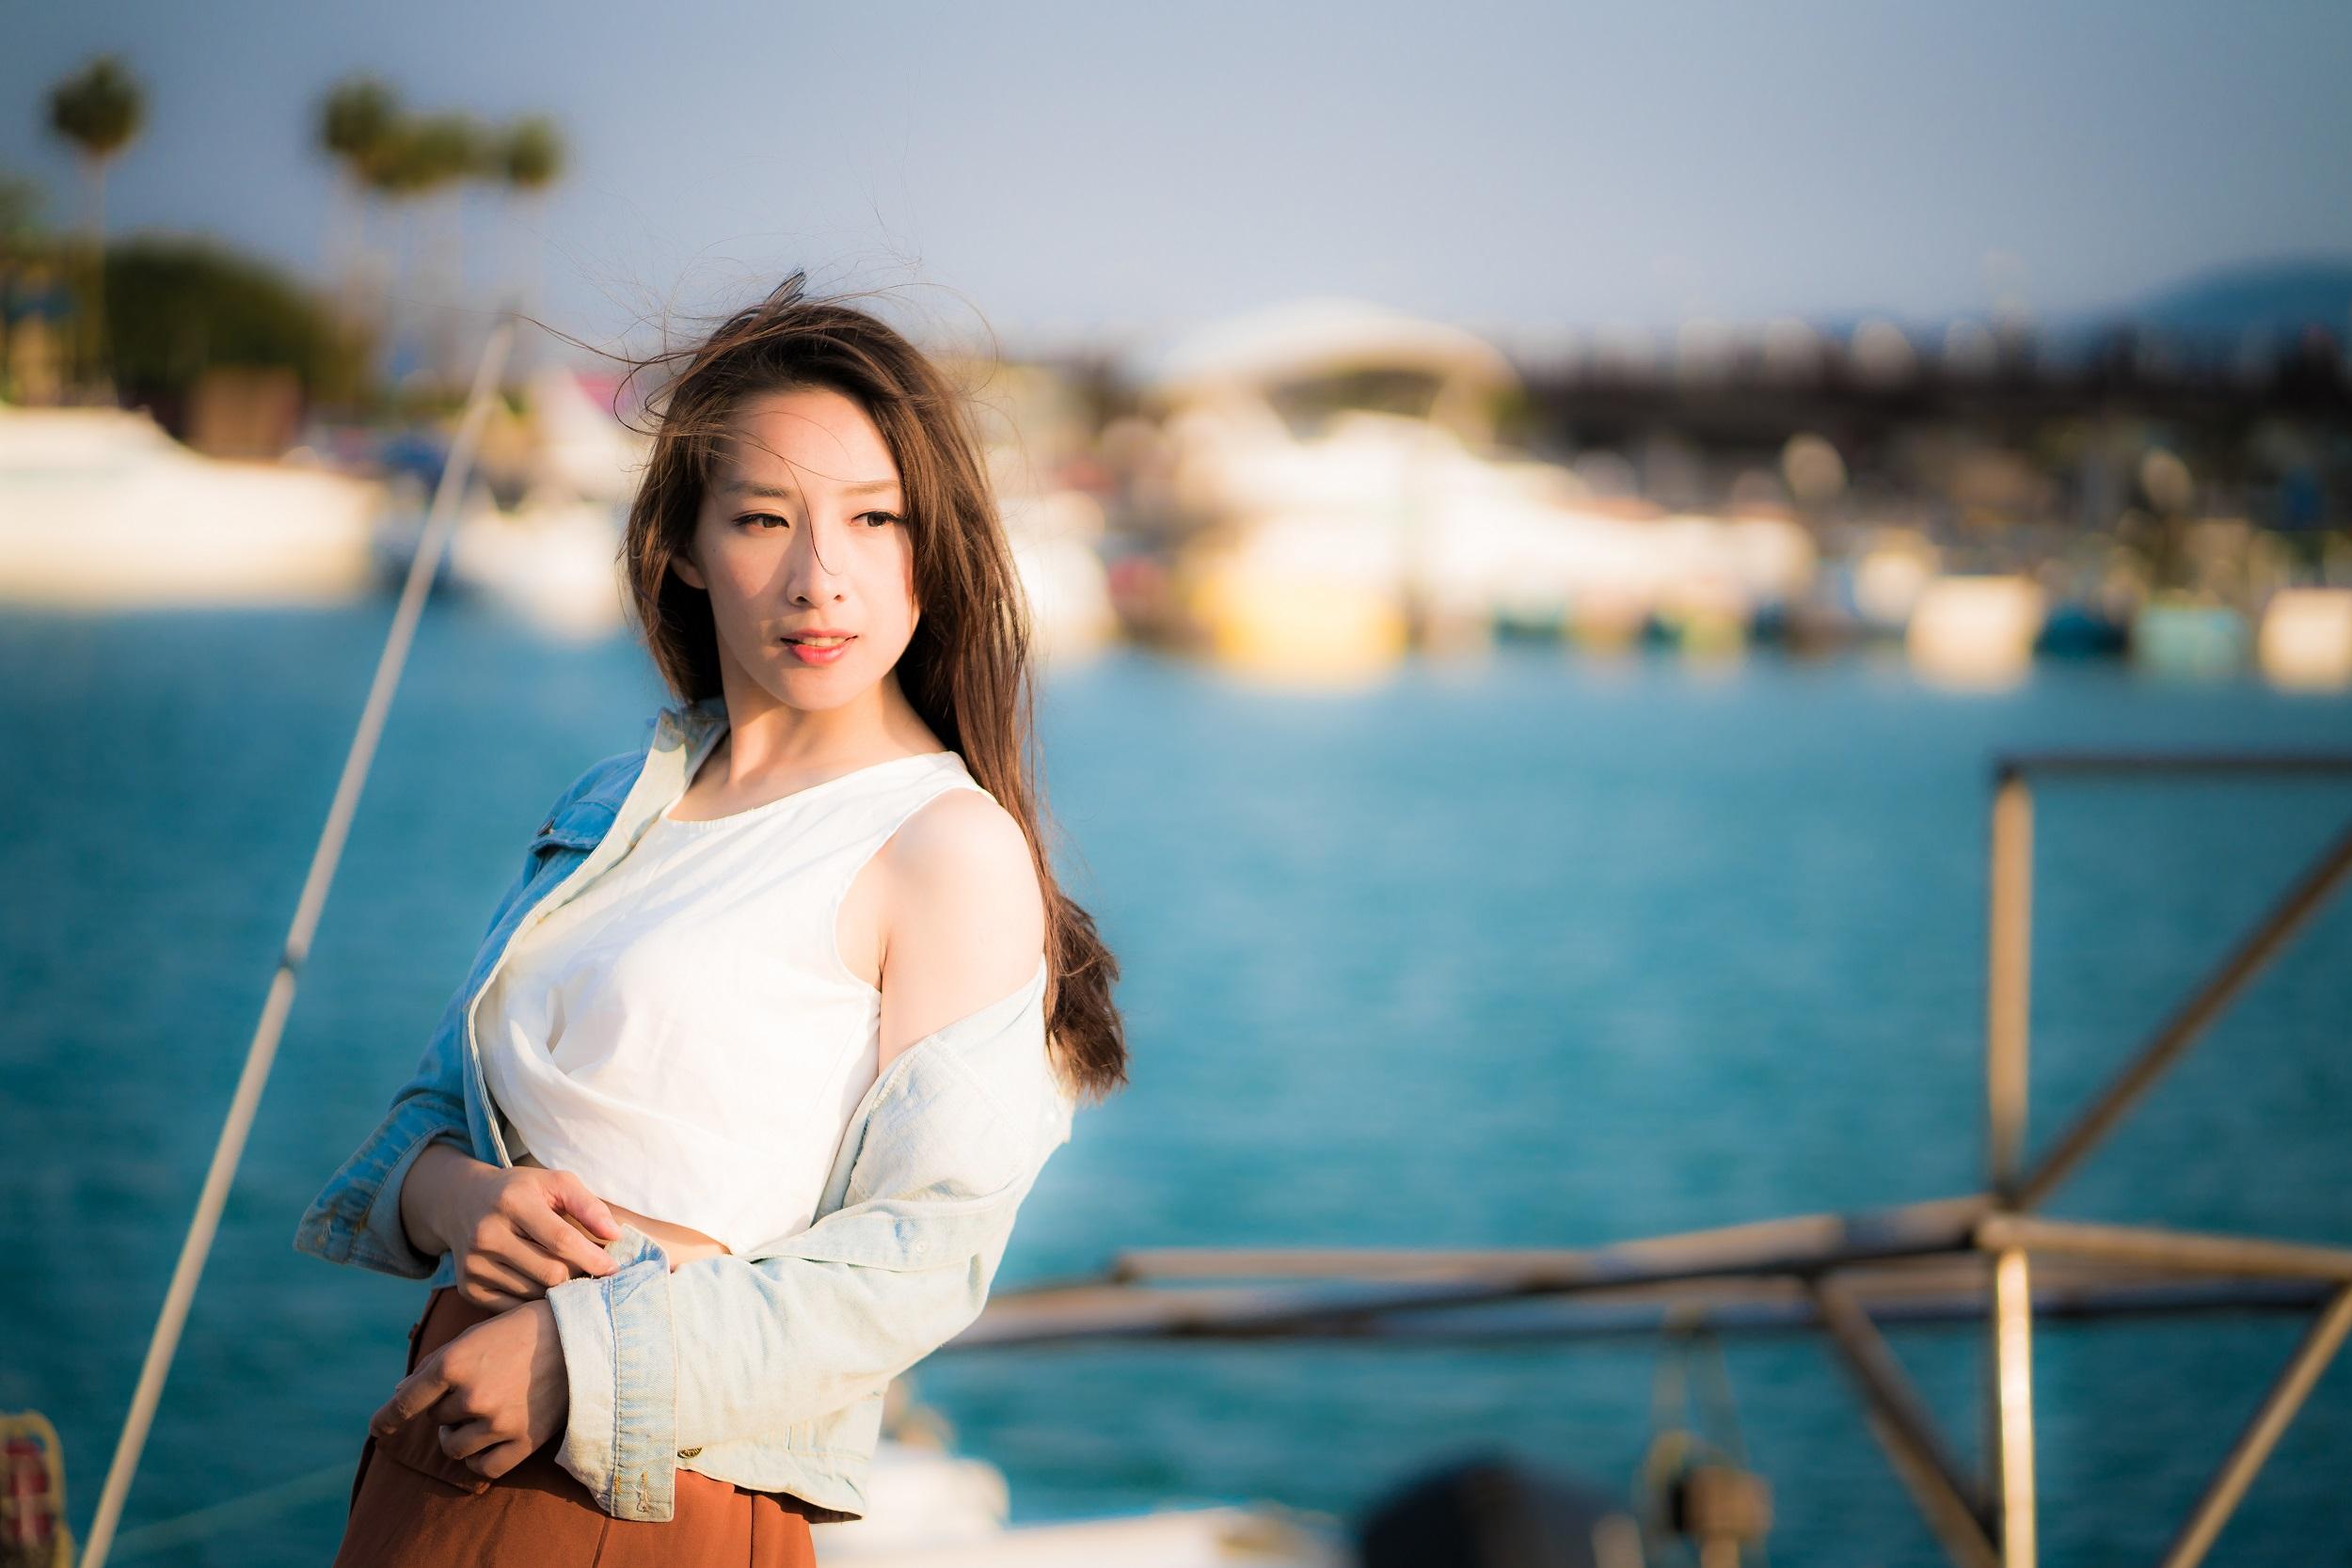 Women Model Asian White Tops Jeans Jacket Looking Away Brunette Women Outdoors Depth Of Field 2500x1667